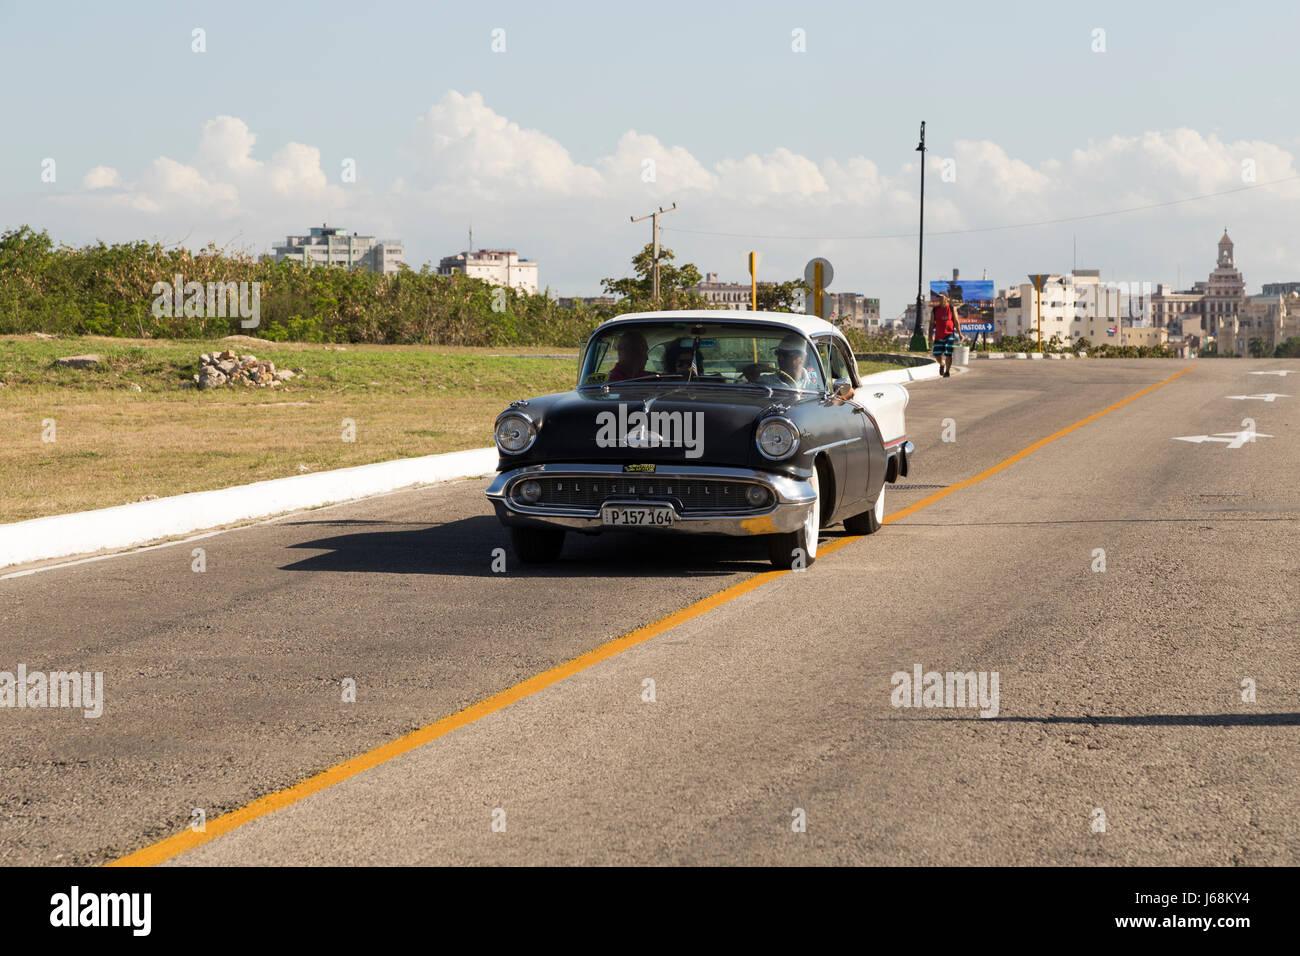 Old car in Havana, Cuba - Stock Image